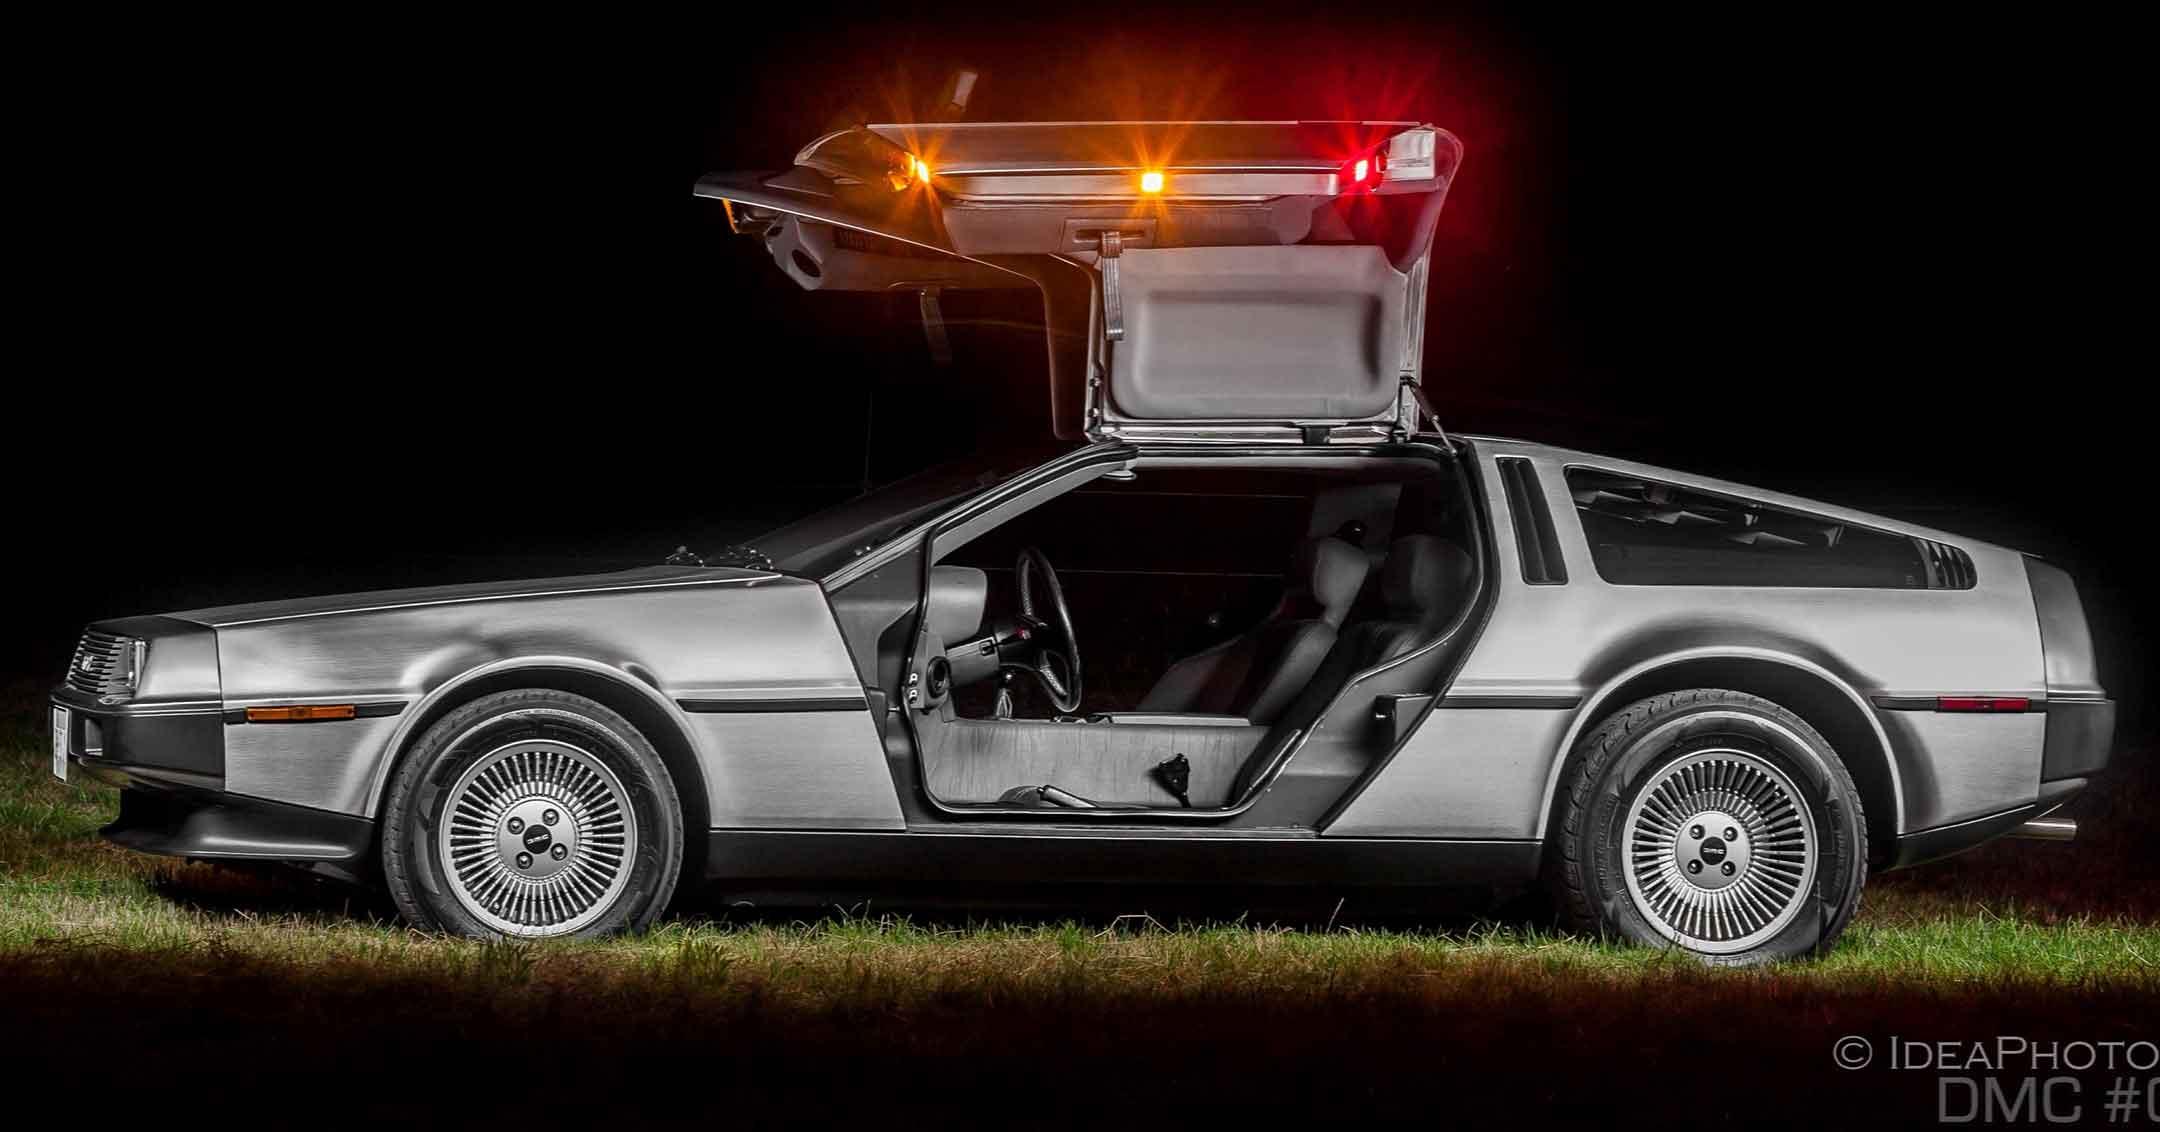 SCEDT26TXBD005987 | DeLoreanDirectory.com